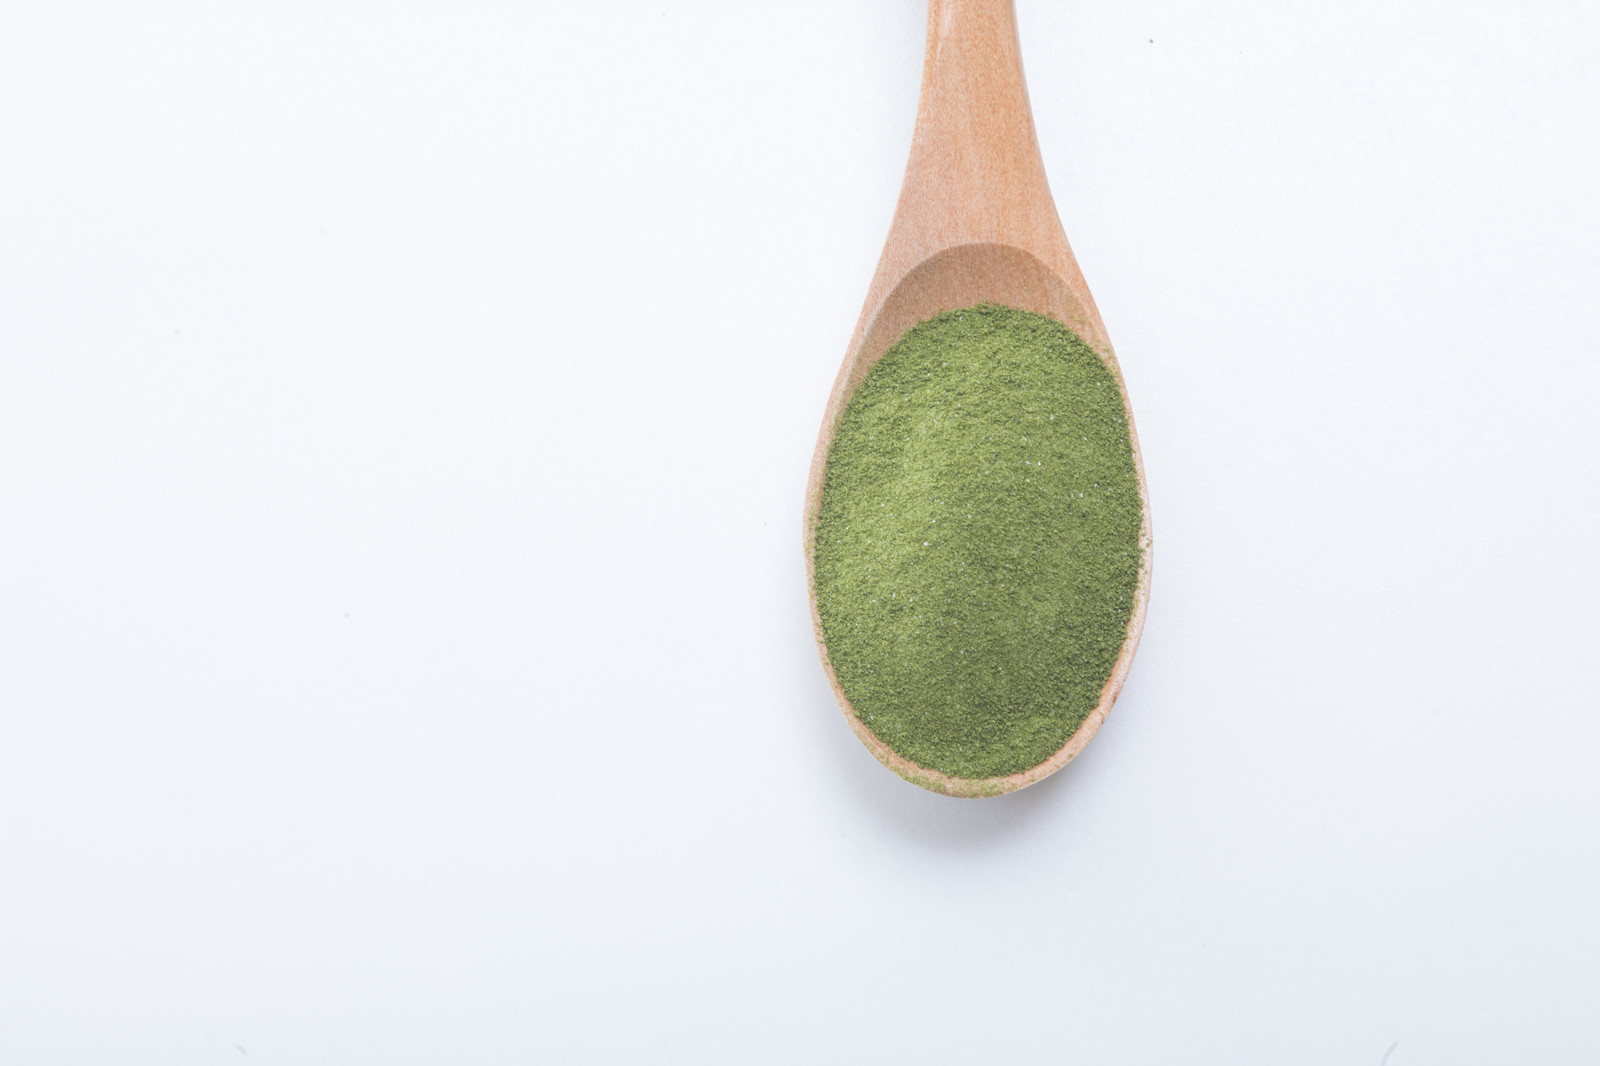 「スプーンと粉末青汁」の写真